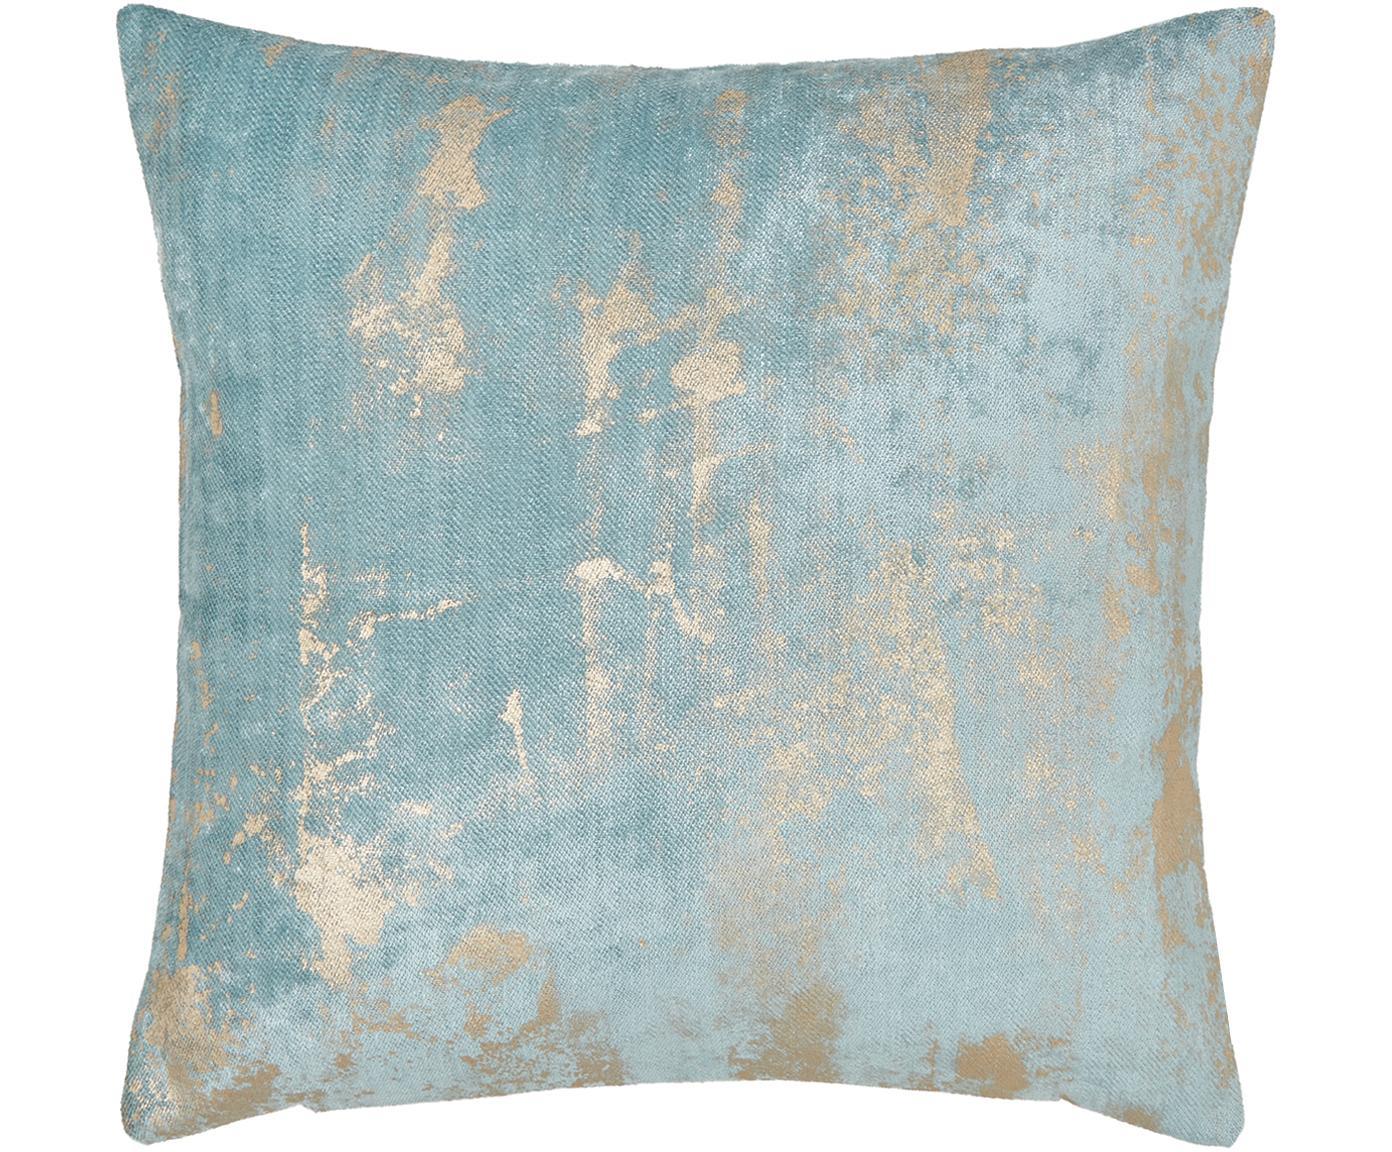 Fluwelen kussenhoes Shiny met glinsterend vintage patroon, Bovenzijde: polyesterfluweel, Onderzijde: polyester, Licht turquoise, 40 x 40 cm